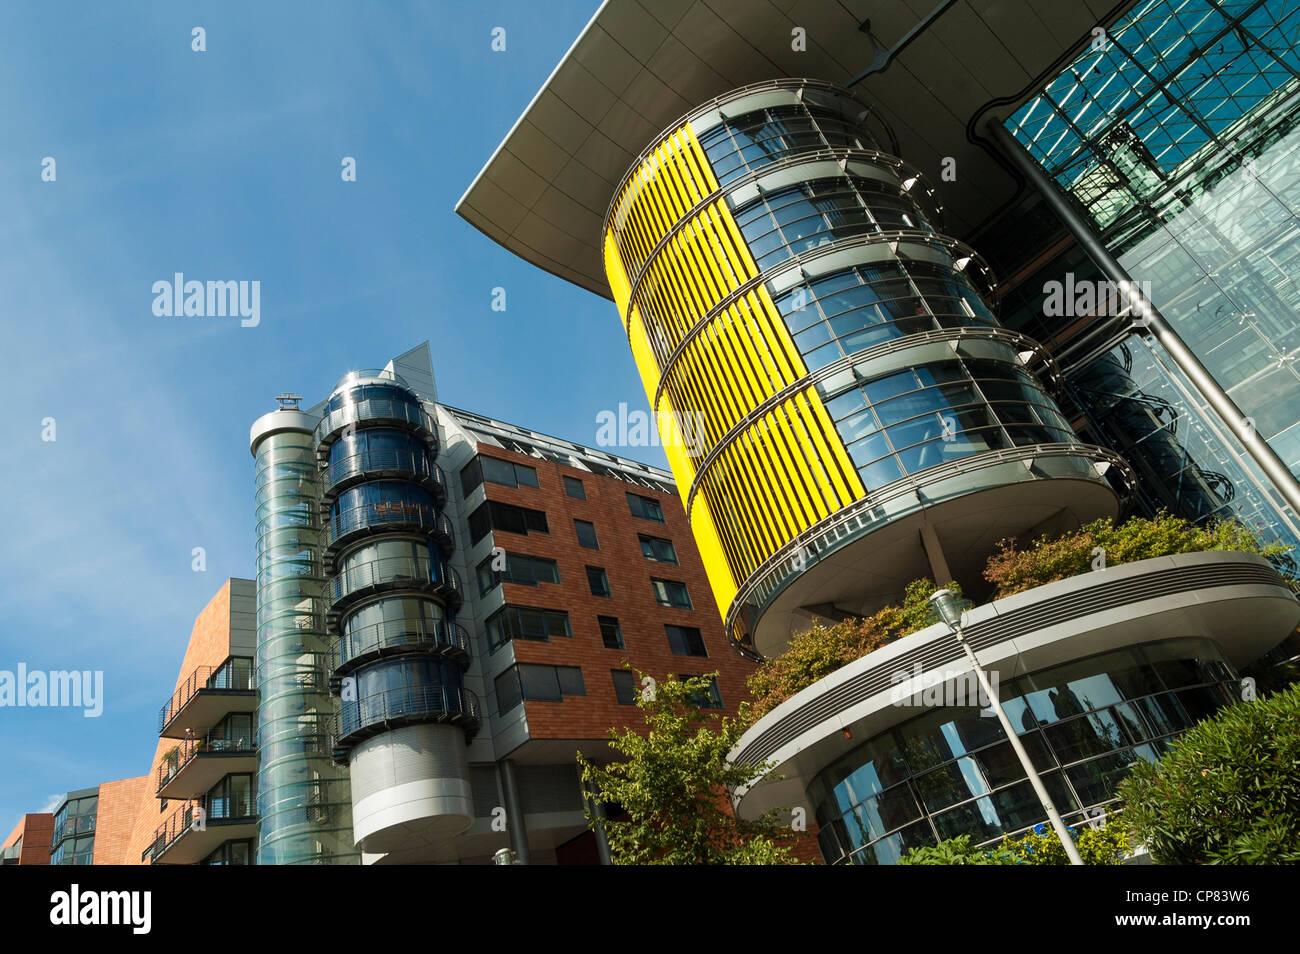 La moderna architettura della Daimler edifici per uffici e appartamenti nella Potsdamer Platz di Berlino, Germania Immagini Stock